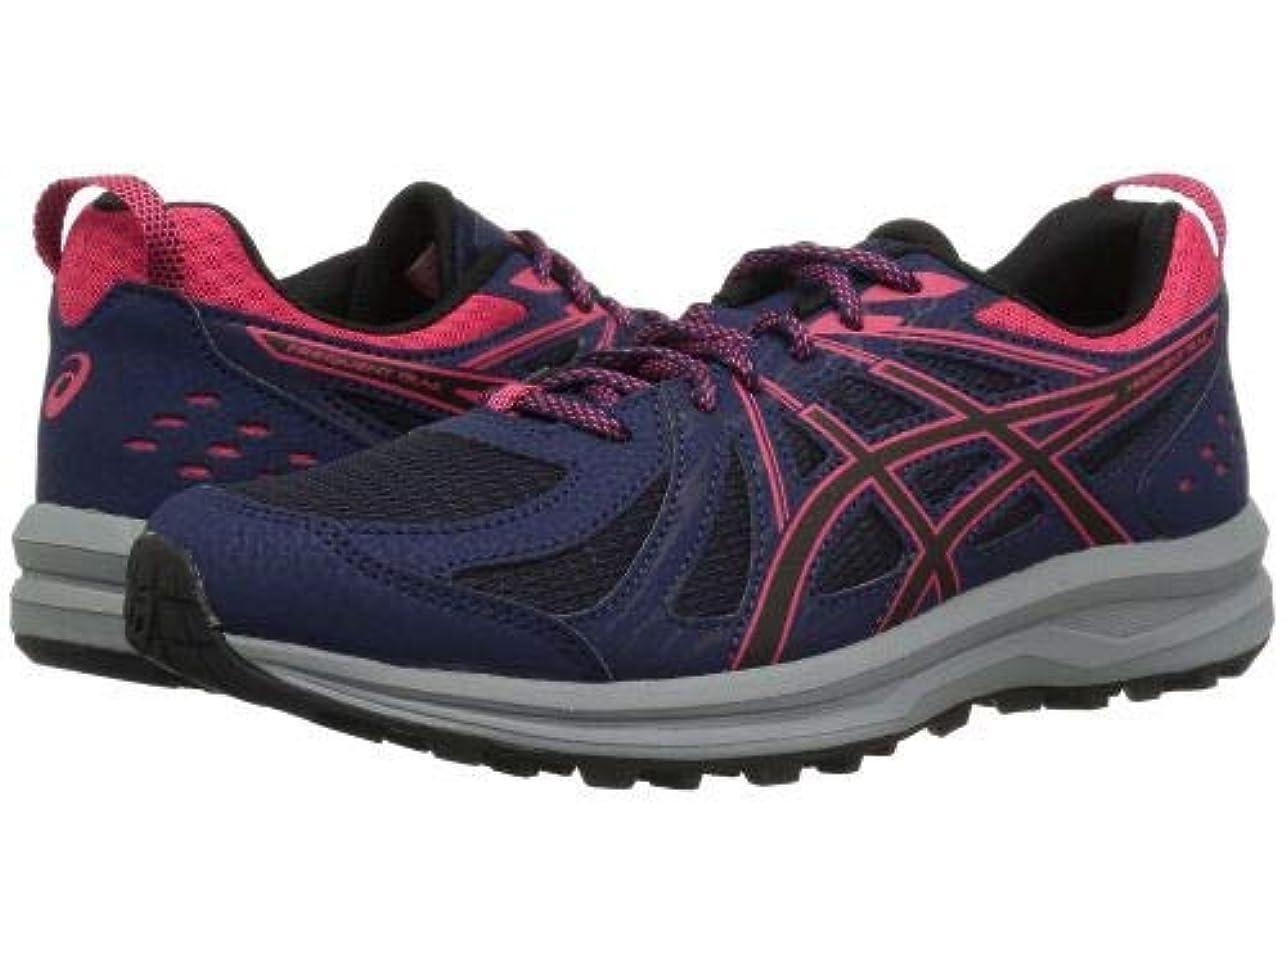 上へロマンス微生物ASICS(アシックス) レディース 女性用 シューズ 靴 スニーカー 運動靴 Frequent Trail - Peacoat/Pixel Pink [並行輸入品]